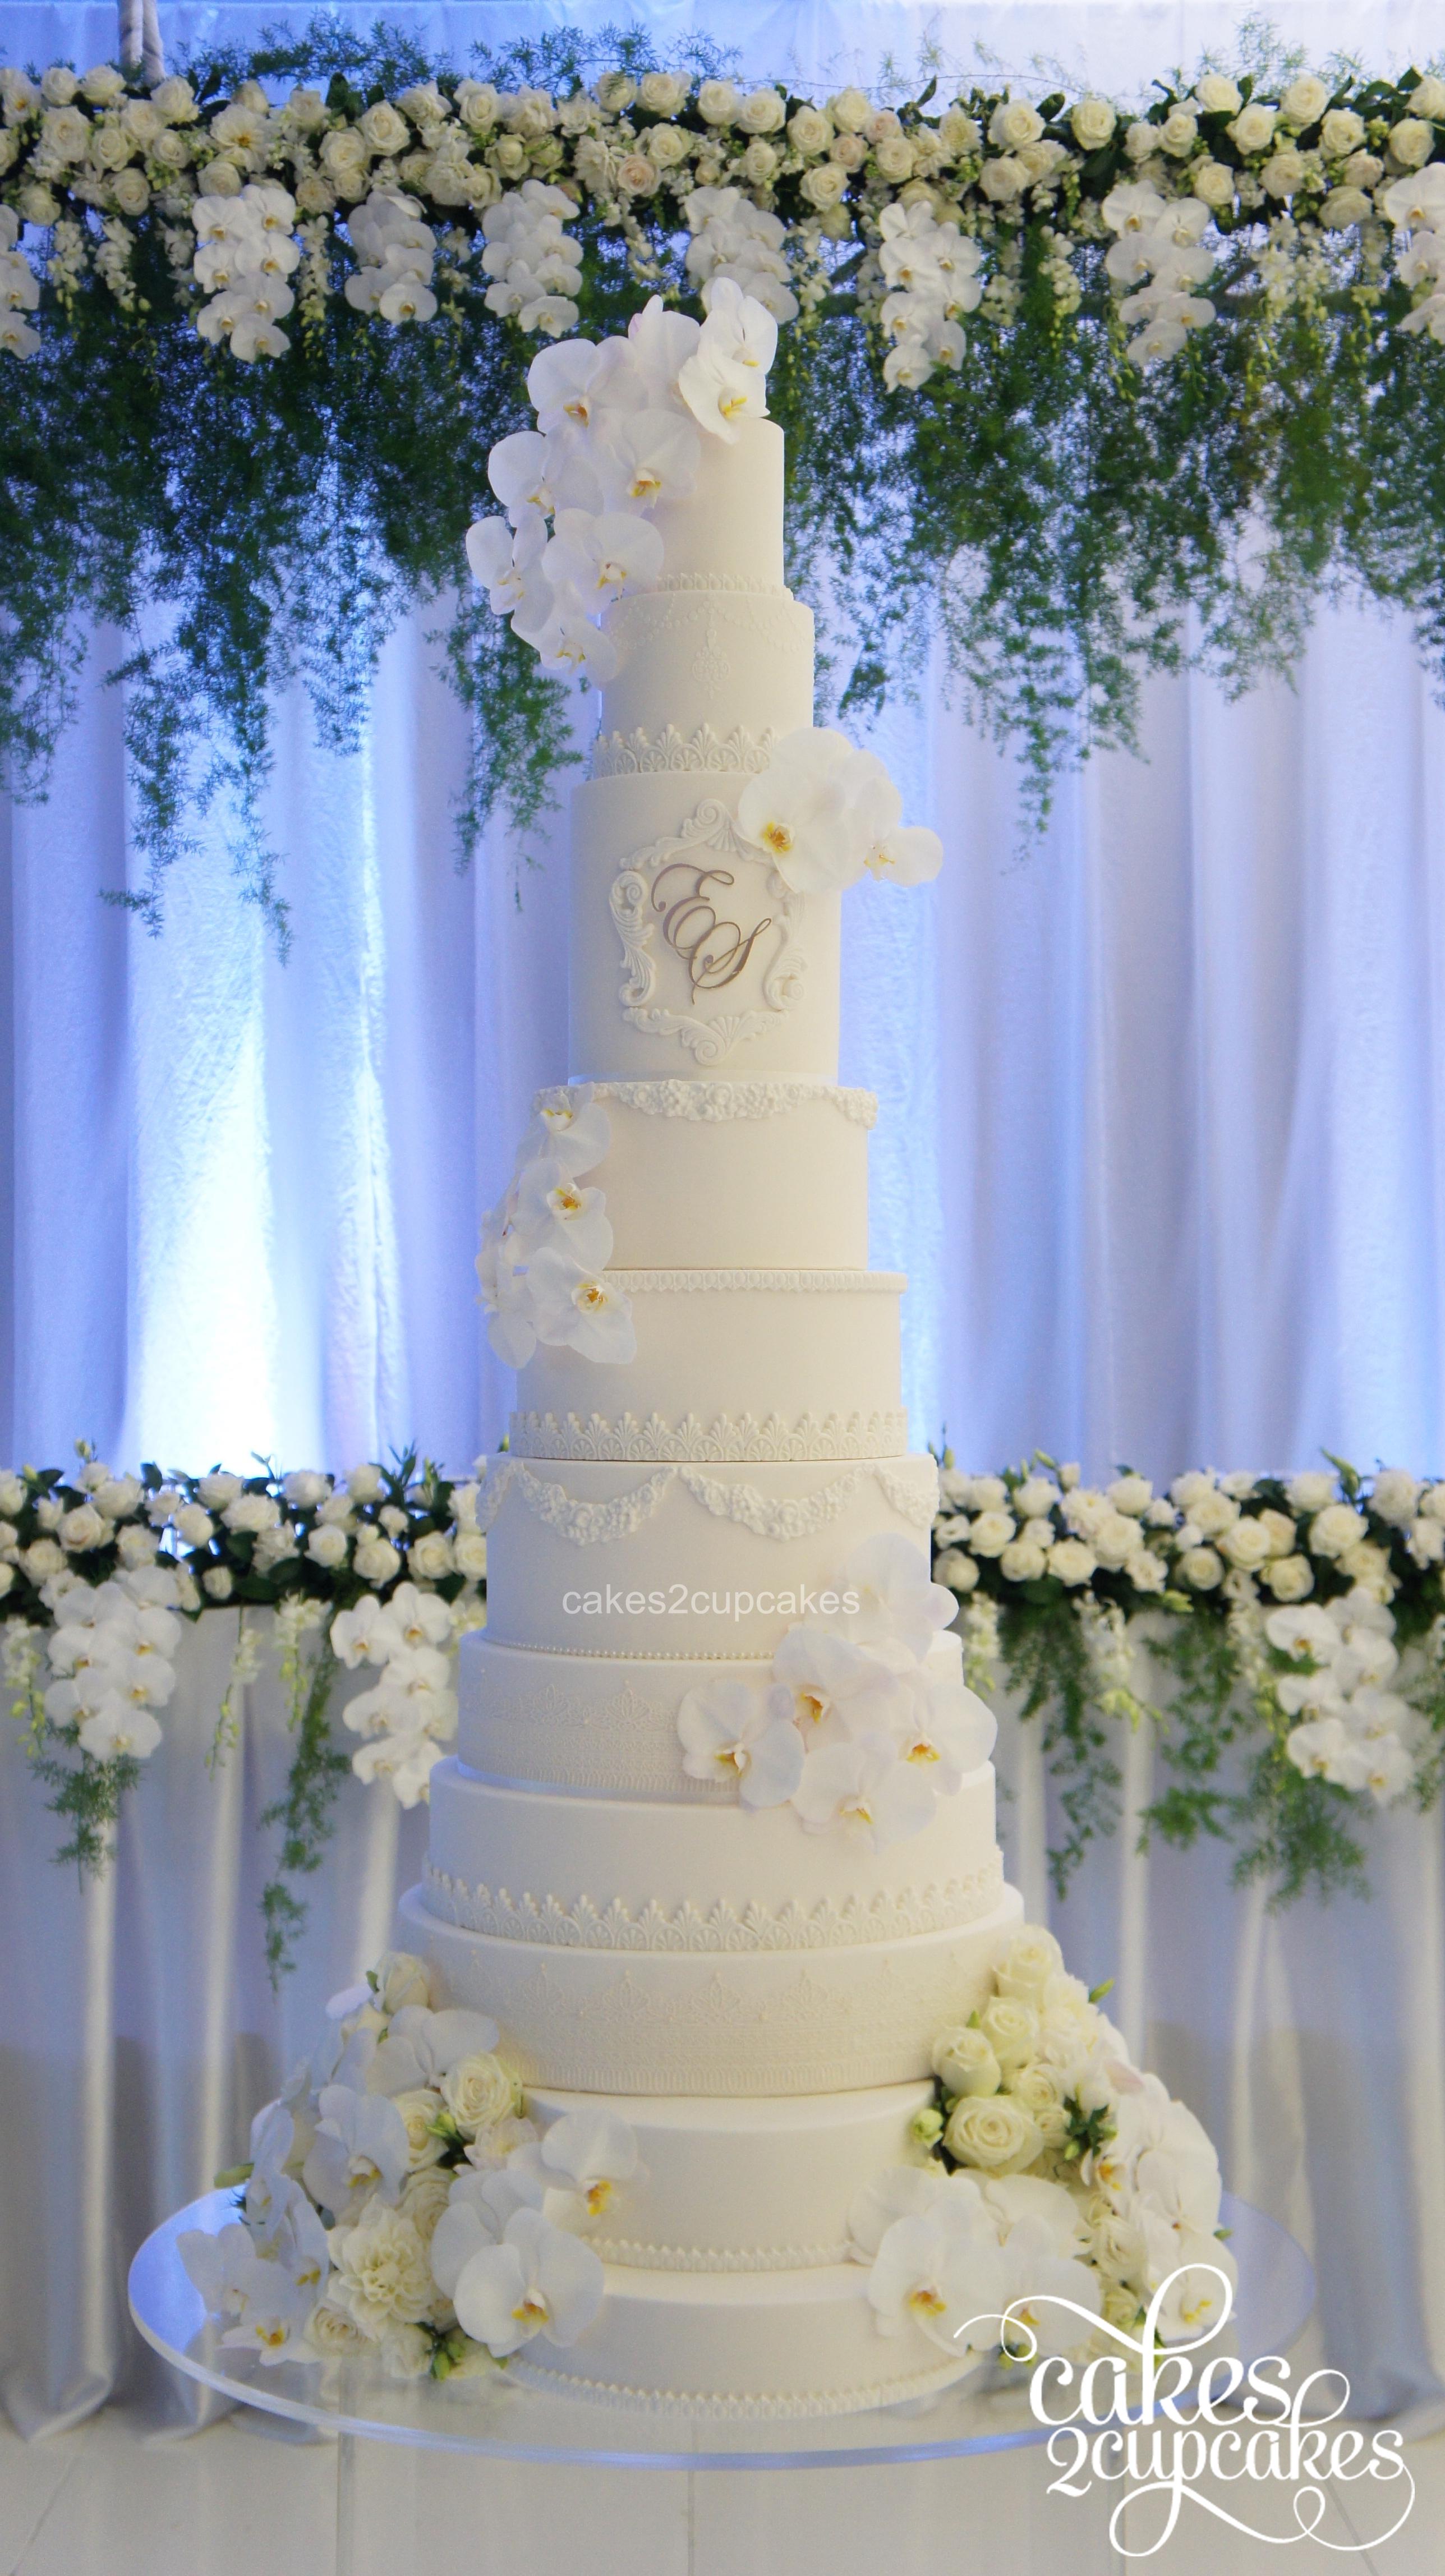 cakes2cupcakes-11tier.jpg